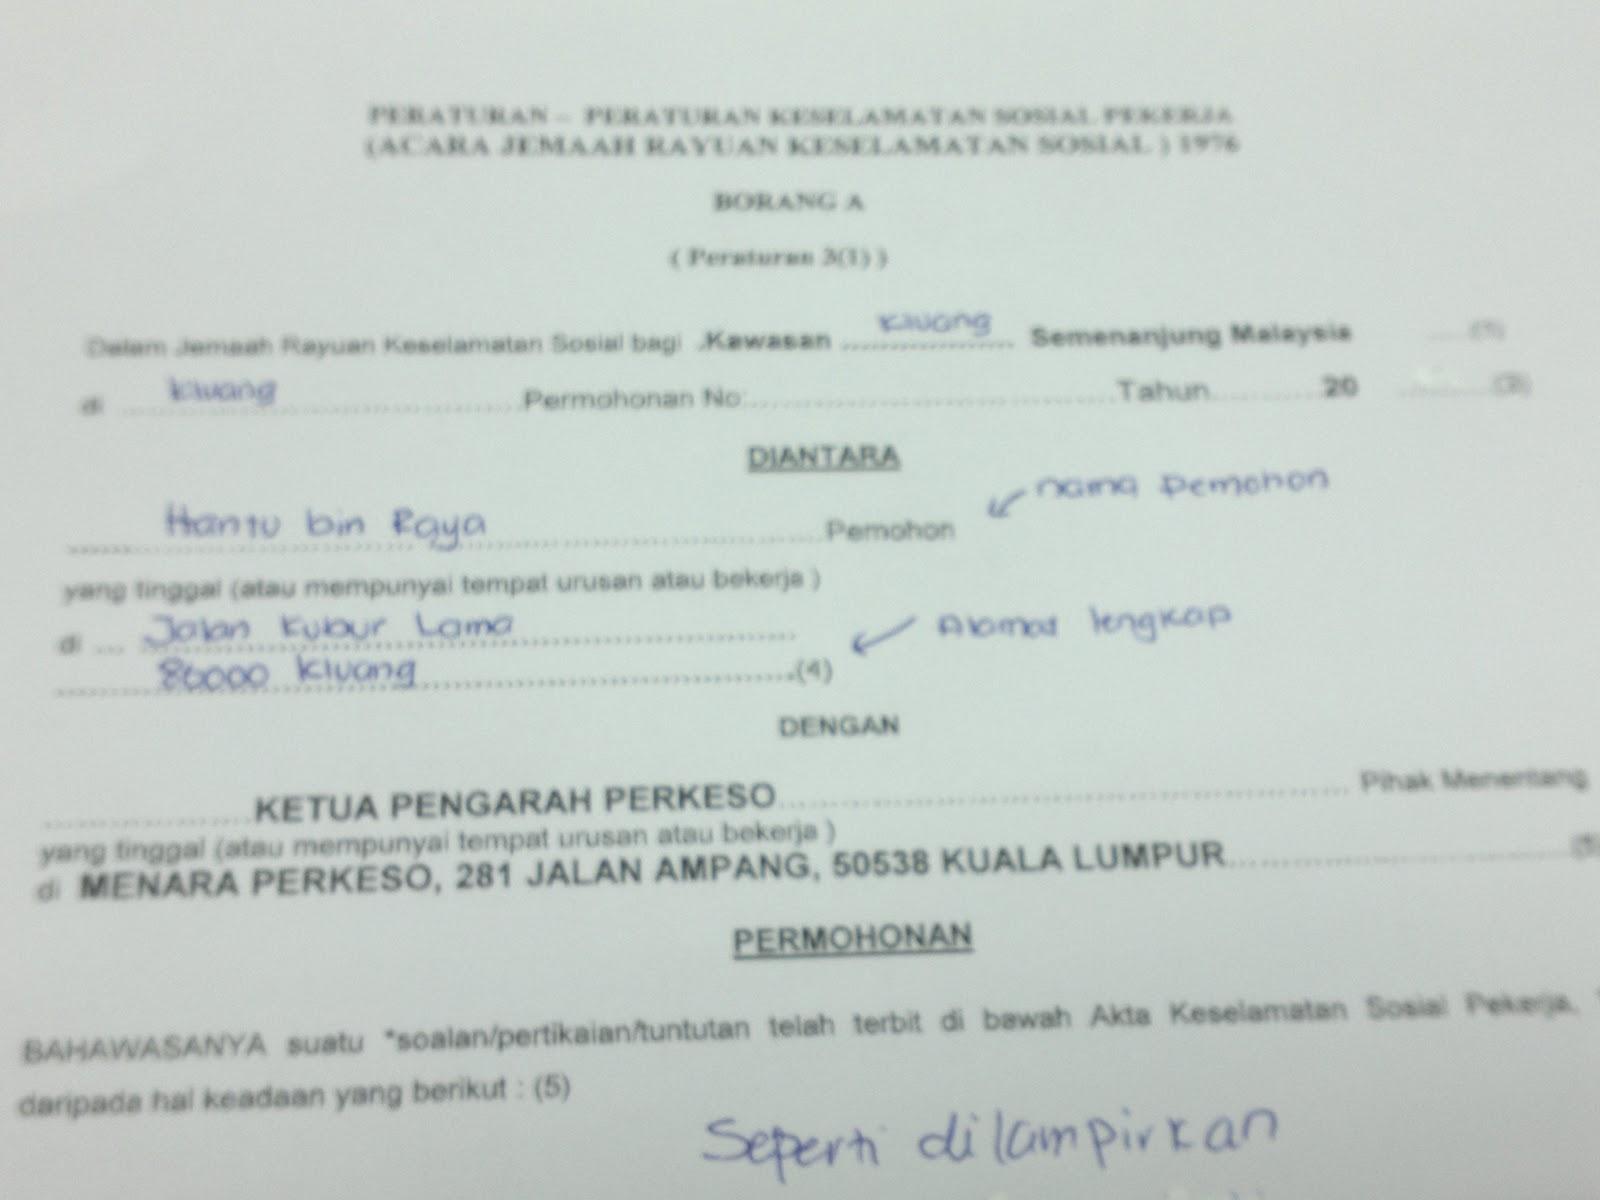 Contoh Surat Rayuan Tuntutan Perkeso Persoalan R Cuitan Dokter